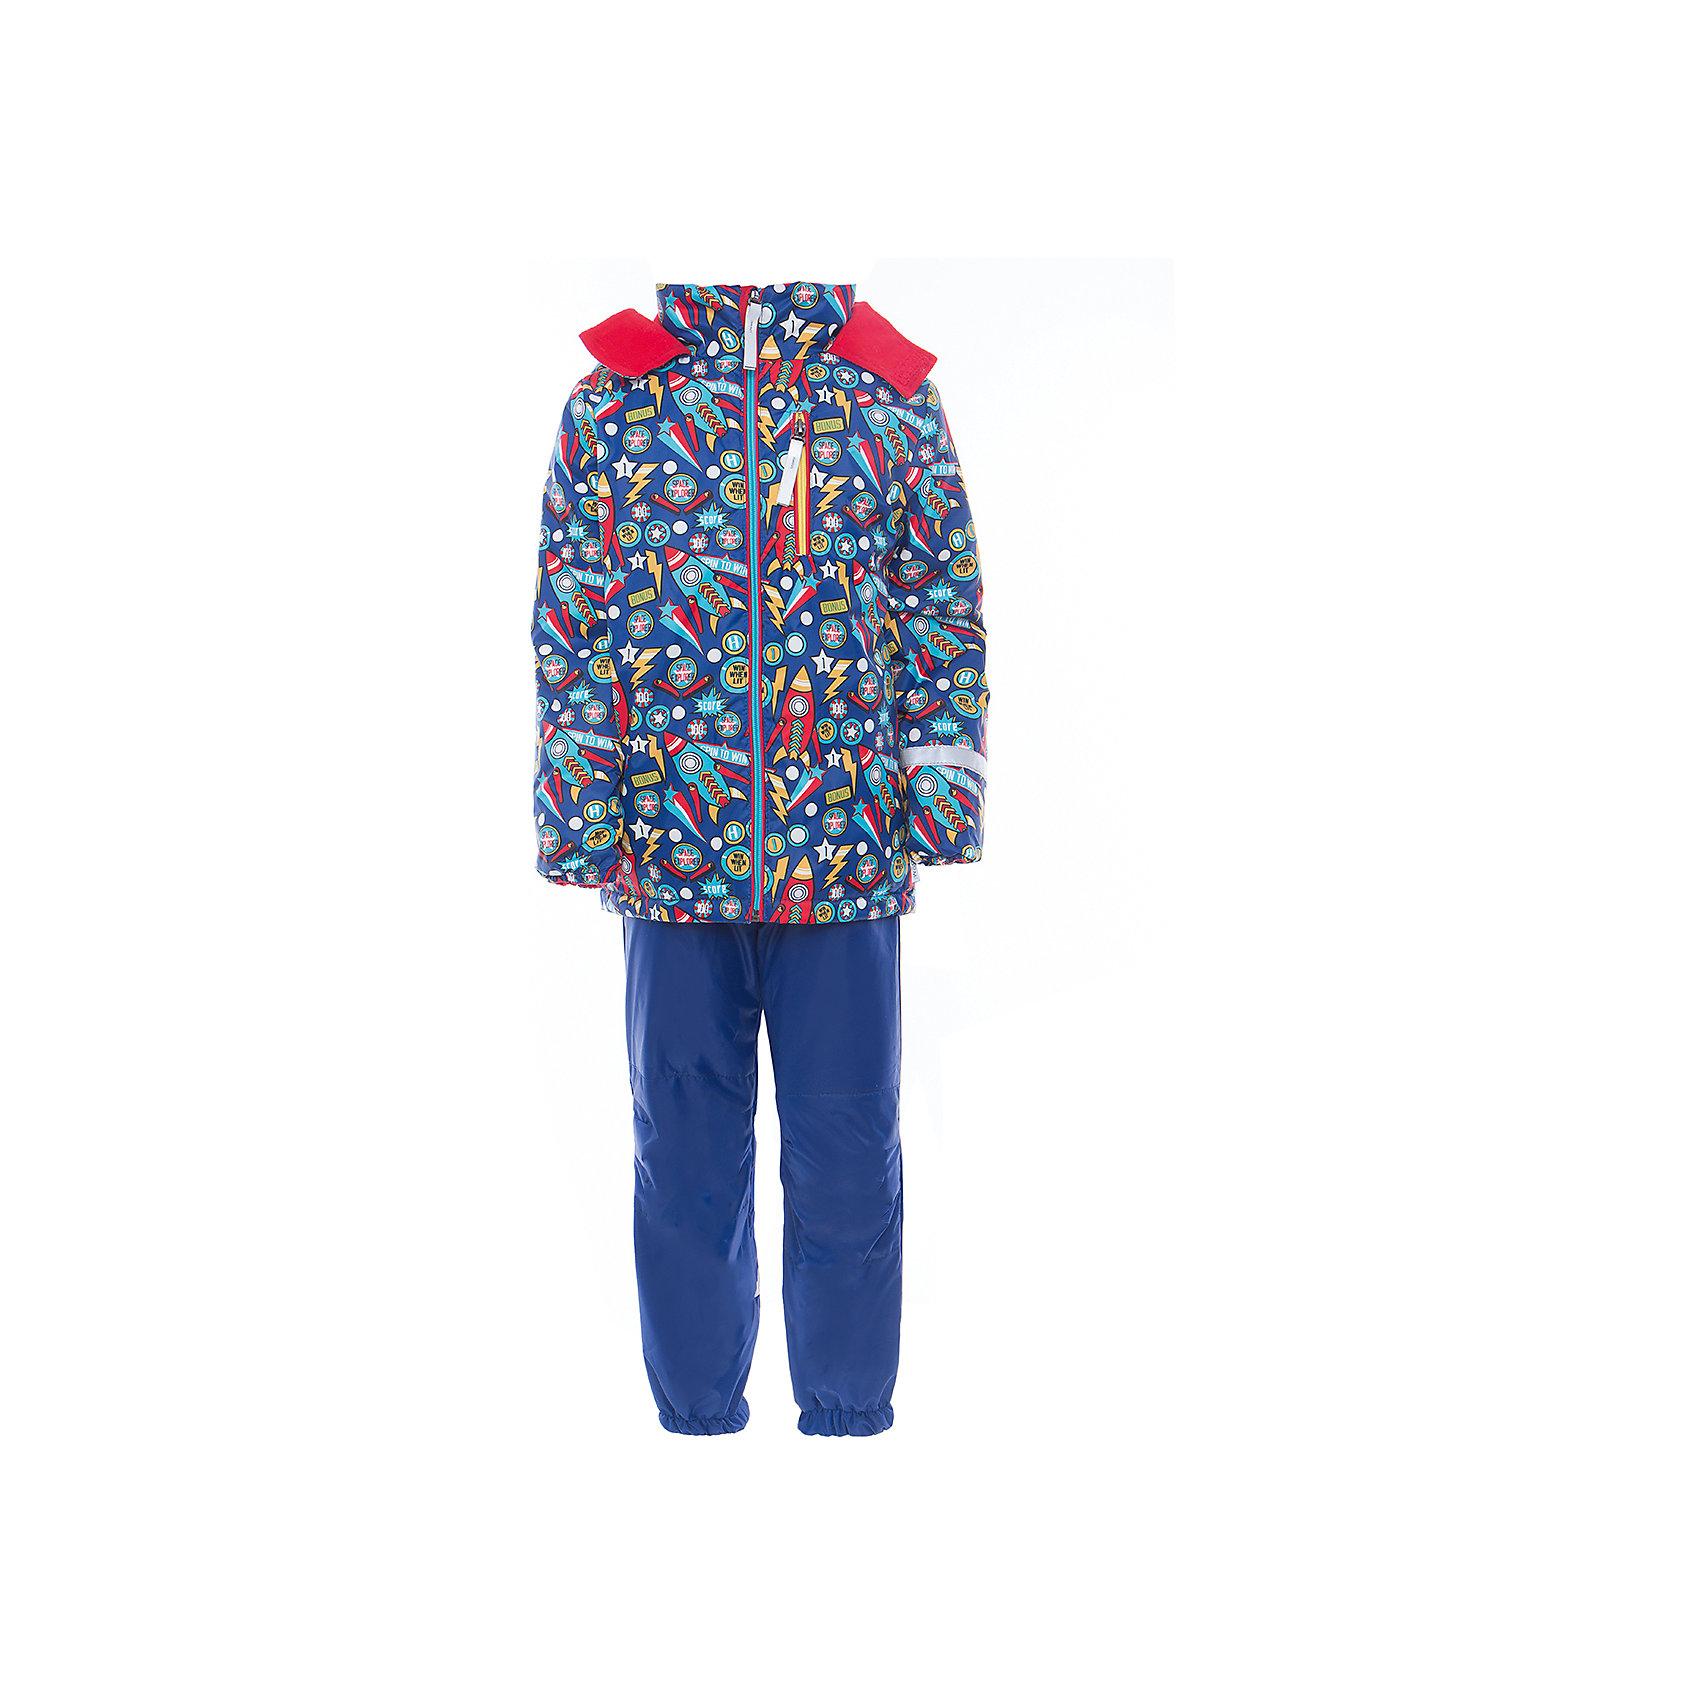 Комплект для мальчика BOOM by OrbyХарактеристики товара:<br><br>• цвет: синий<br>• курточка: верх - нейлон с мембранным покрытием 3000*3000, подкладка - поларфлис, полиэстер, утеплитель: FiberSoft 100 г/м2<br>• брюки: верх - нейлон с мембранным покрытием 3000*3000, подкладка - поларфлис<br>• комплектация: куртка, брюки<br>• температурный режим: от -5 С° до +10 С° <br>• эластичные регулируемые подтяжки<br>• застежка - молния<br>• куртка декорирована принтом<br>• капюшон<br>• силиконовые штрипки<br>• комфортная посадка<br>• страна производства: Российская Федерация<br>• страна бренда: Российская Федерация<br>• коллекция: весна-лето 2017<br><br>Такой комплект - универсальный вариант для межсезонья с постоянно меняющейся погодой. Эта модель - модная и удобная одновременно! Изделие отличается стильным ярким дизайном. Куртка и брюки хорошо сидят по фигуре, отлично сочетается с различной обувью. Модель была разработана специально для детей.<br><br>Одежда от российского бренда BOOM by Orby уже завоевала популярностью у многих детей и их родителей. Вещи, выпускаемые компанией, качественные, продуманные и очень удобные. Для производства коллекций используются только безопасные для детей материалы. Спешите приобрести модели из новой коллекции Весна-лето 2017! <br><br>Комплект для мальчика от бренда BOOM by Orby можно купить в нашем интернет-магазине.<br><br>Ширина мм: 356<br>Глубина мм: 10<br>Высота мм: 245<br>Вес г: 519<br>Цвет: синий<br>Возраст от месяцев: 60<br>Возраст до месяцев: 72<br>Пол: Мужской<br>Возраст: Детский<br>Размер: 122,116,80,86,104,92,98,110<br>SKU: 5342826